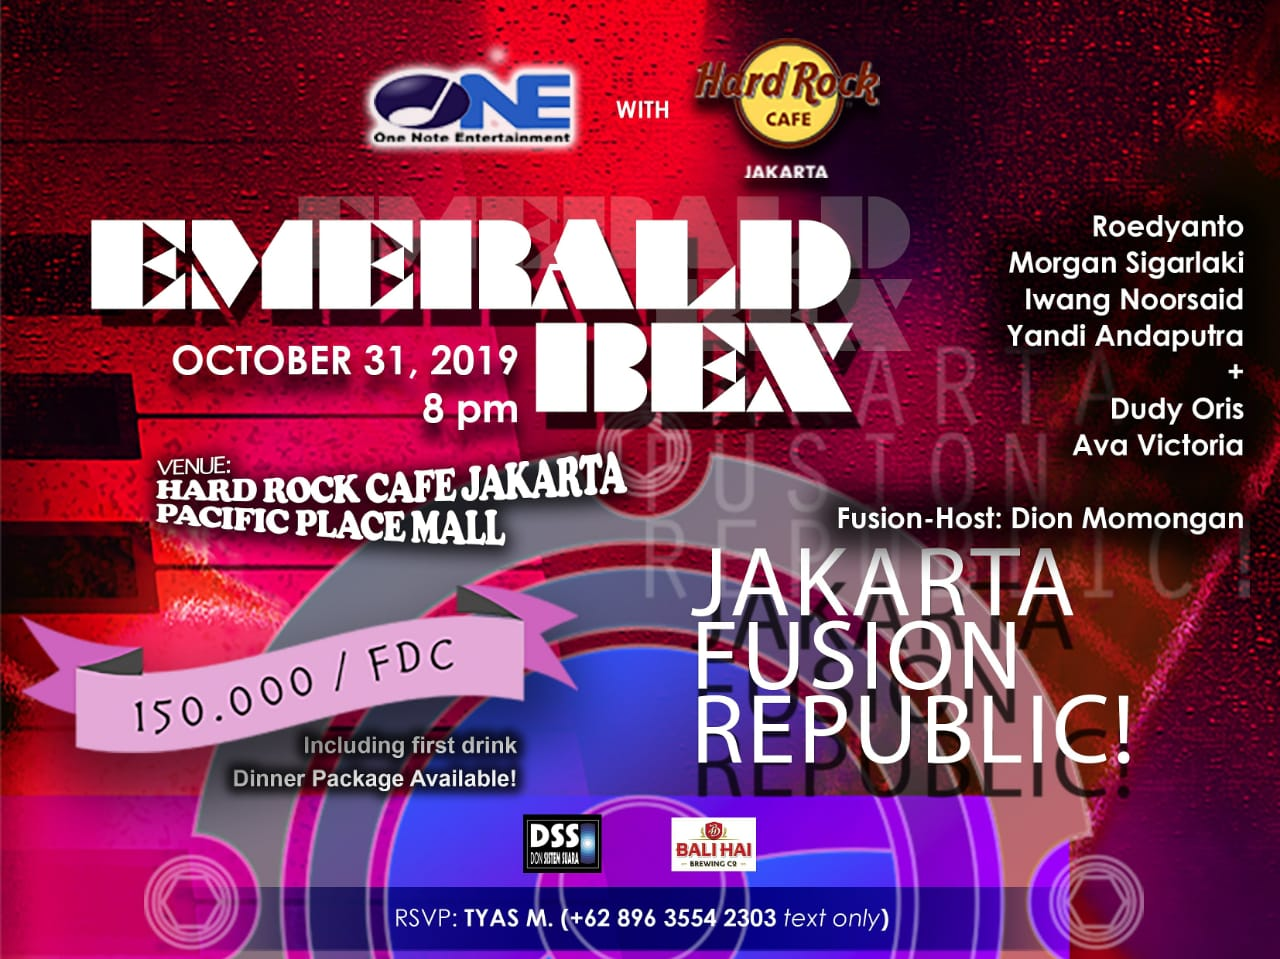 Photo of Jakarta Fusion Republic! dipimpin salahsatu ikon jazz fusion 80an, Emerald BEX